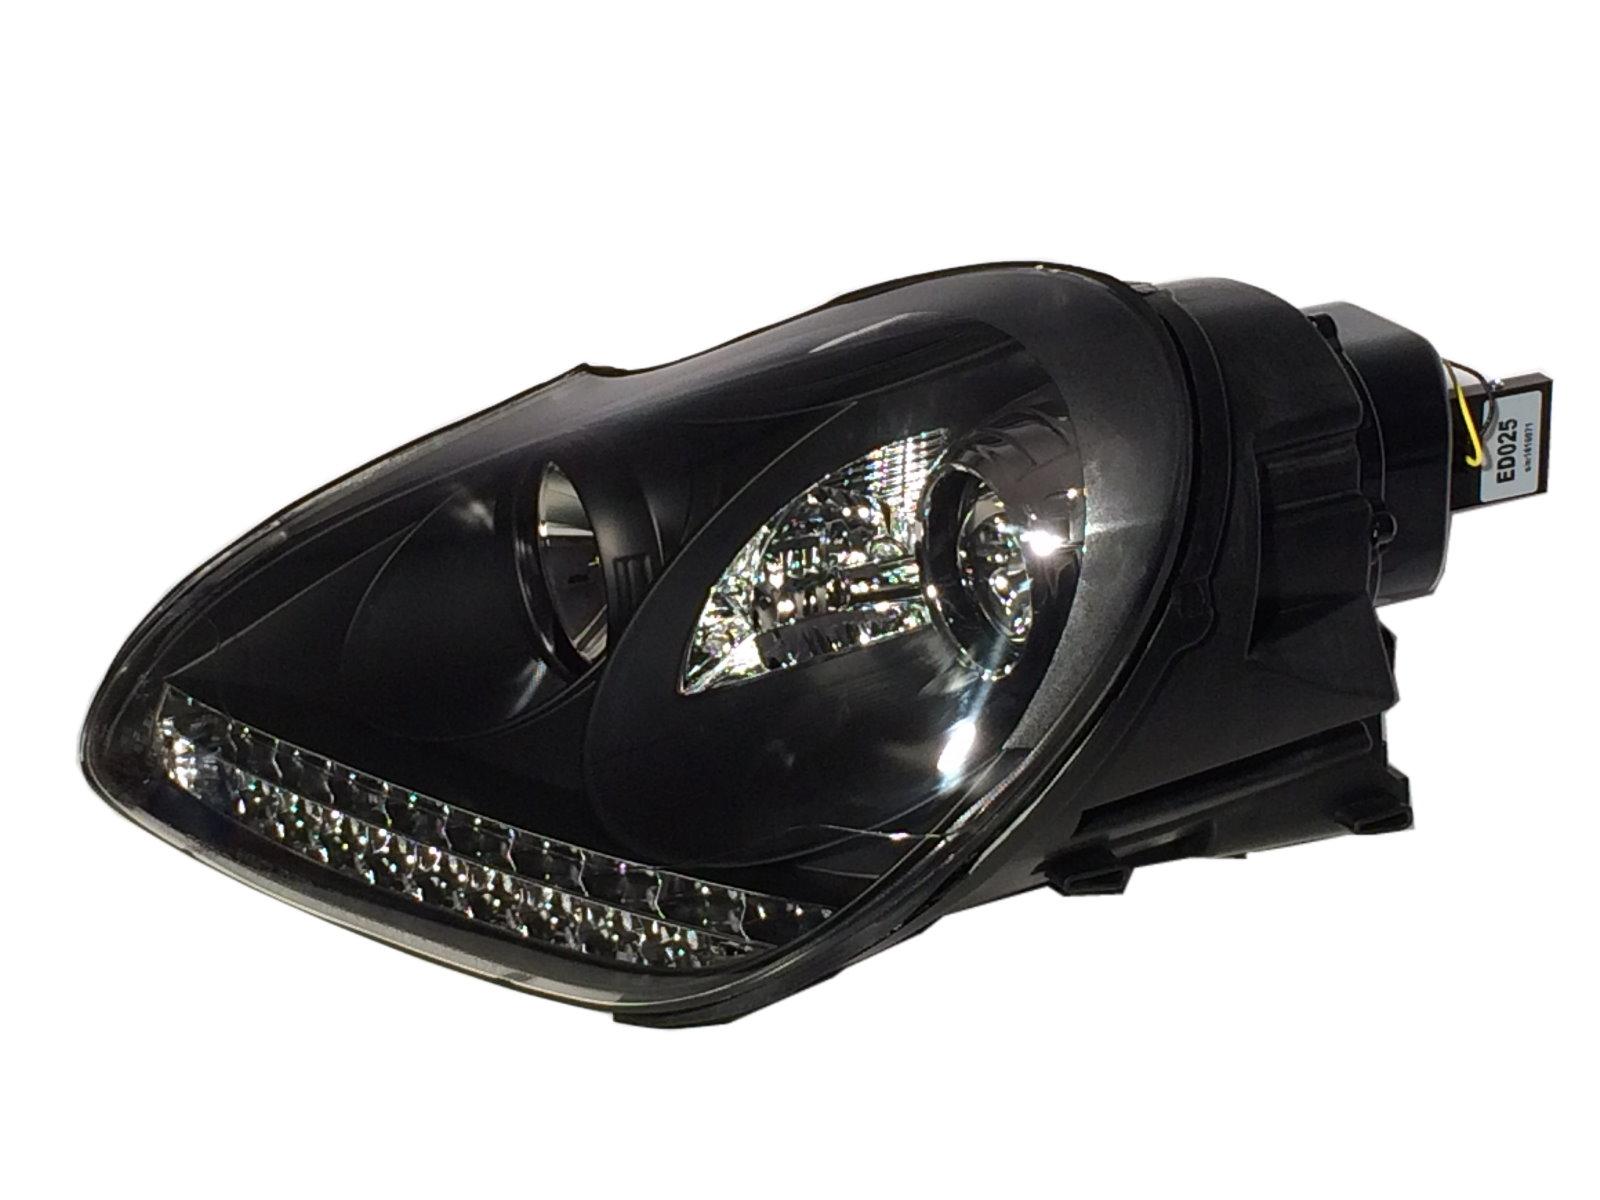 2x Porsche Cayenne 955 Genuine Osram Original Side Light Parking Beam Lamp Bulbs